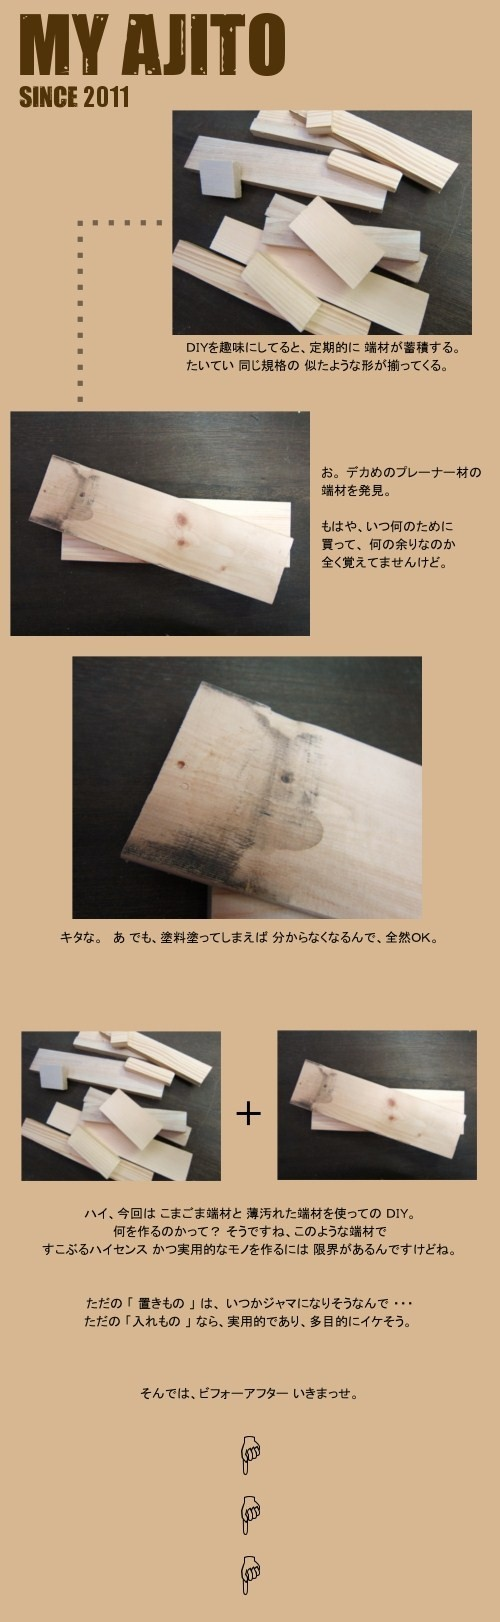 tamo_002.jpg